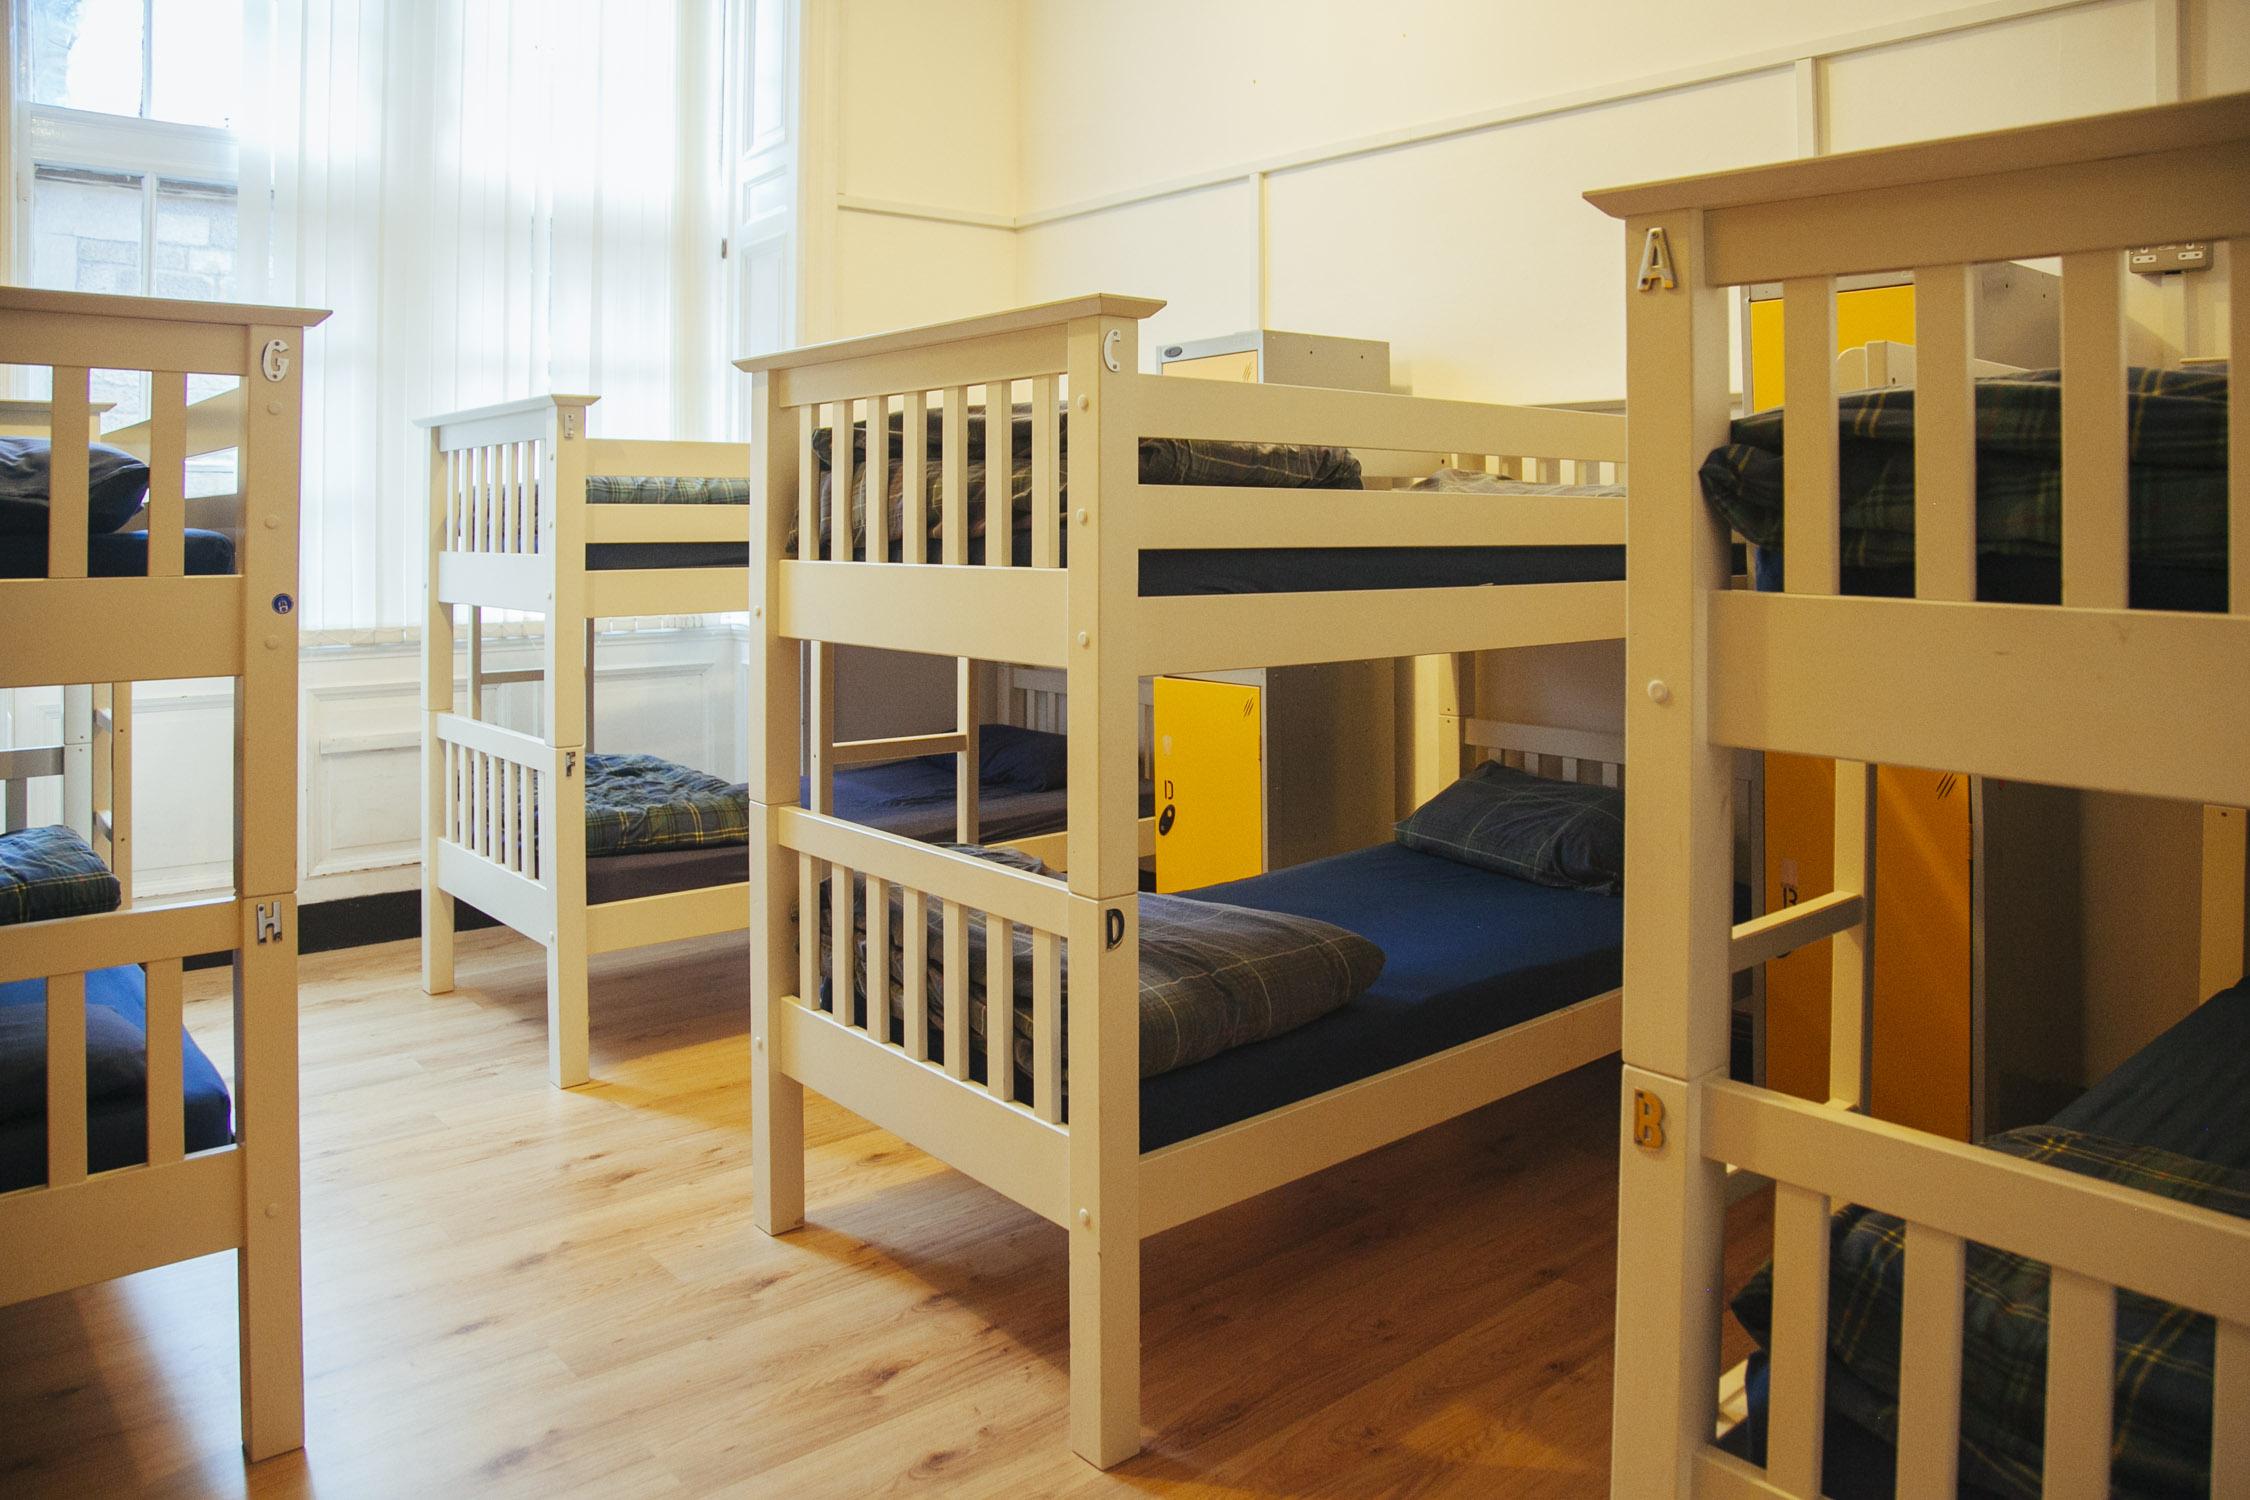 8 bed mixed dorm - 8 bed mixed dorm, shared bathroom.